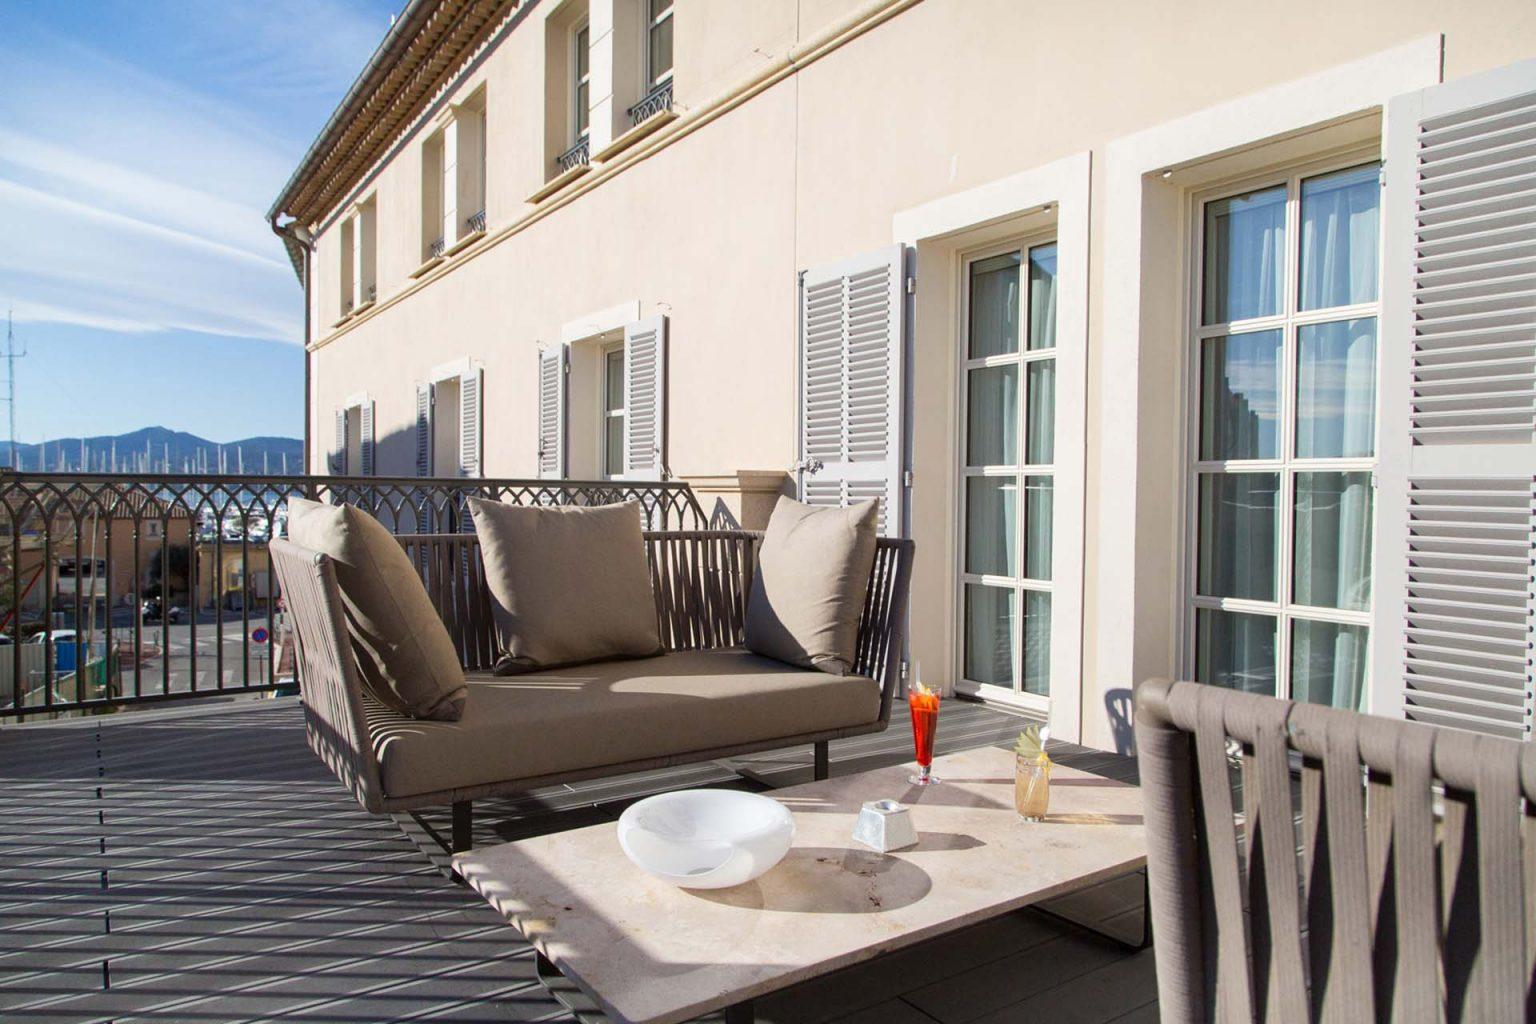 hotel de paris saint tropez suite terrasse